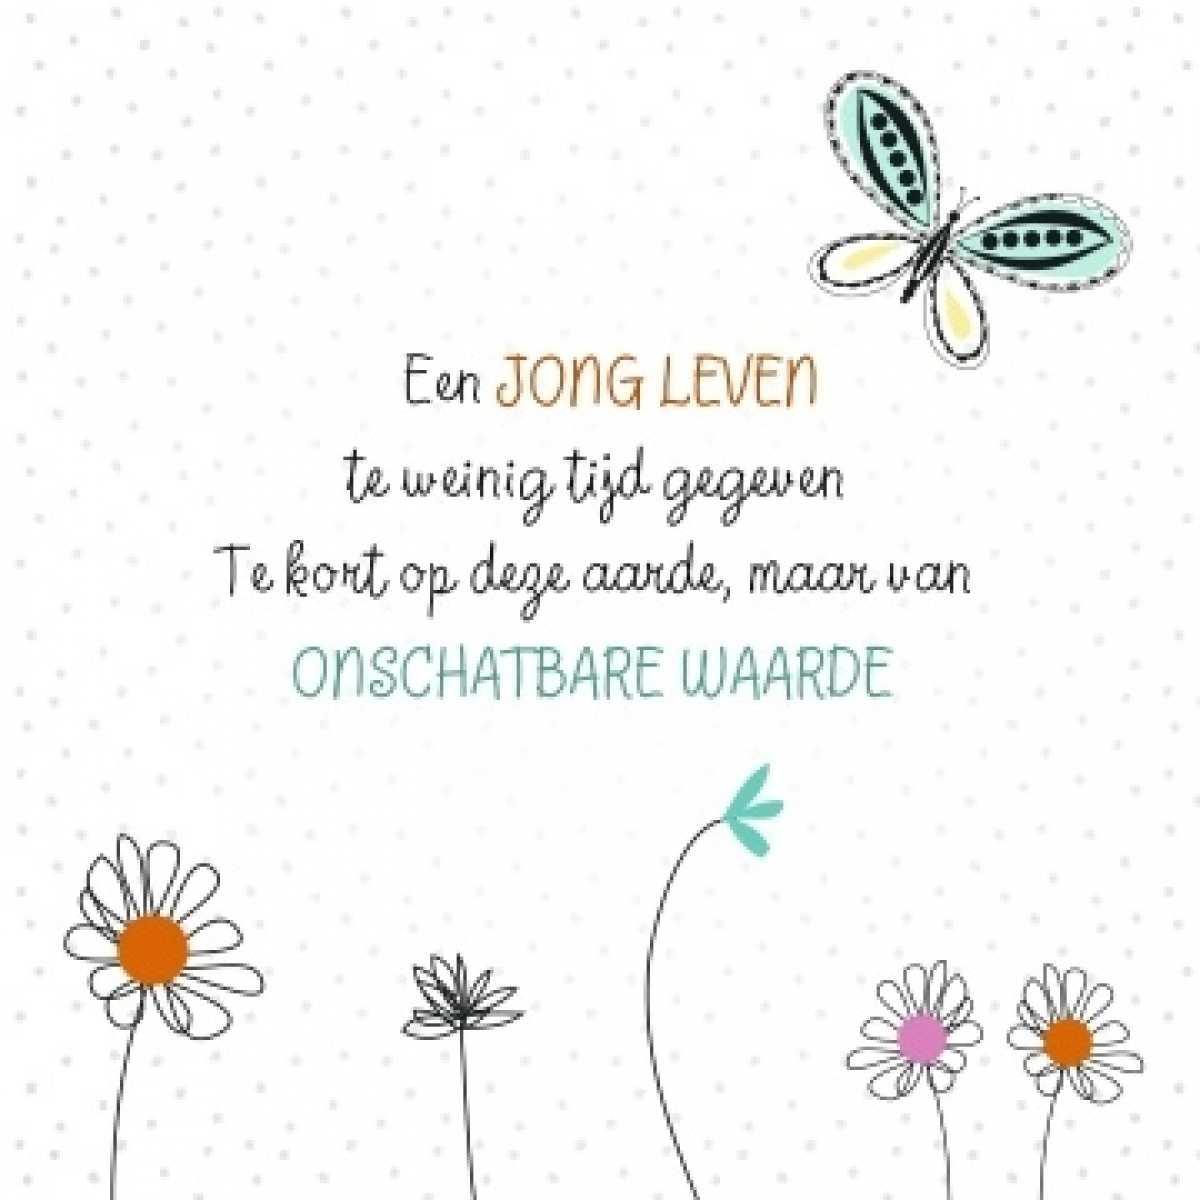 Lewis Van Der Auwera Op Till Always